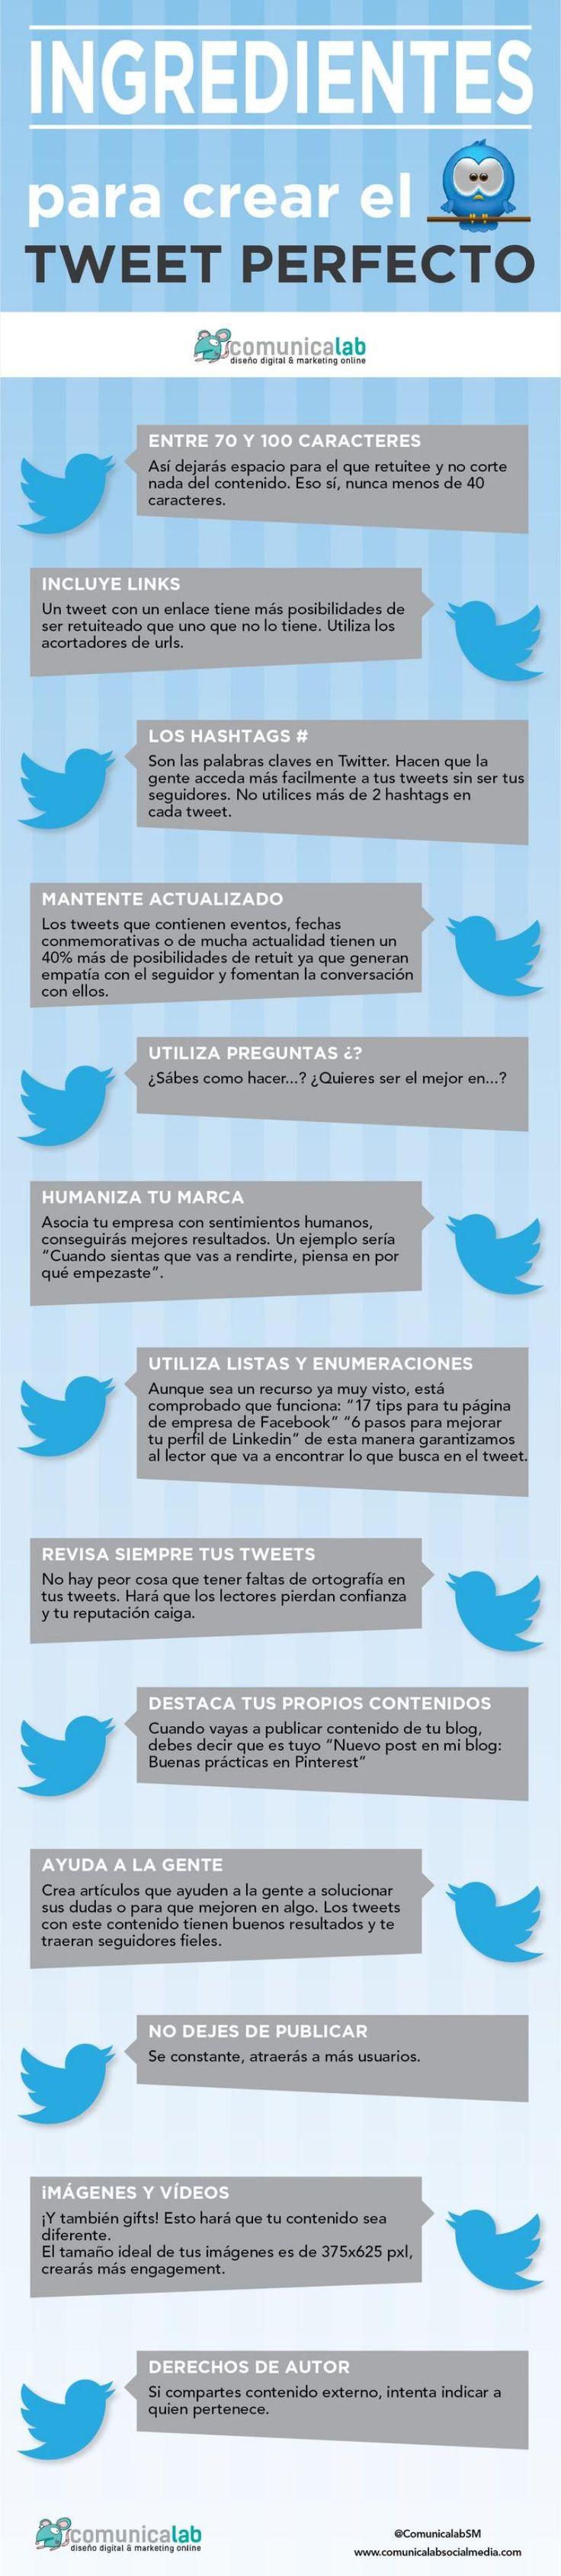 Una infografía en español con varios consejos para publicar un tweet perfecto, ese de más calidad que logra una mayor interacción entre nuestros seguidores.